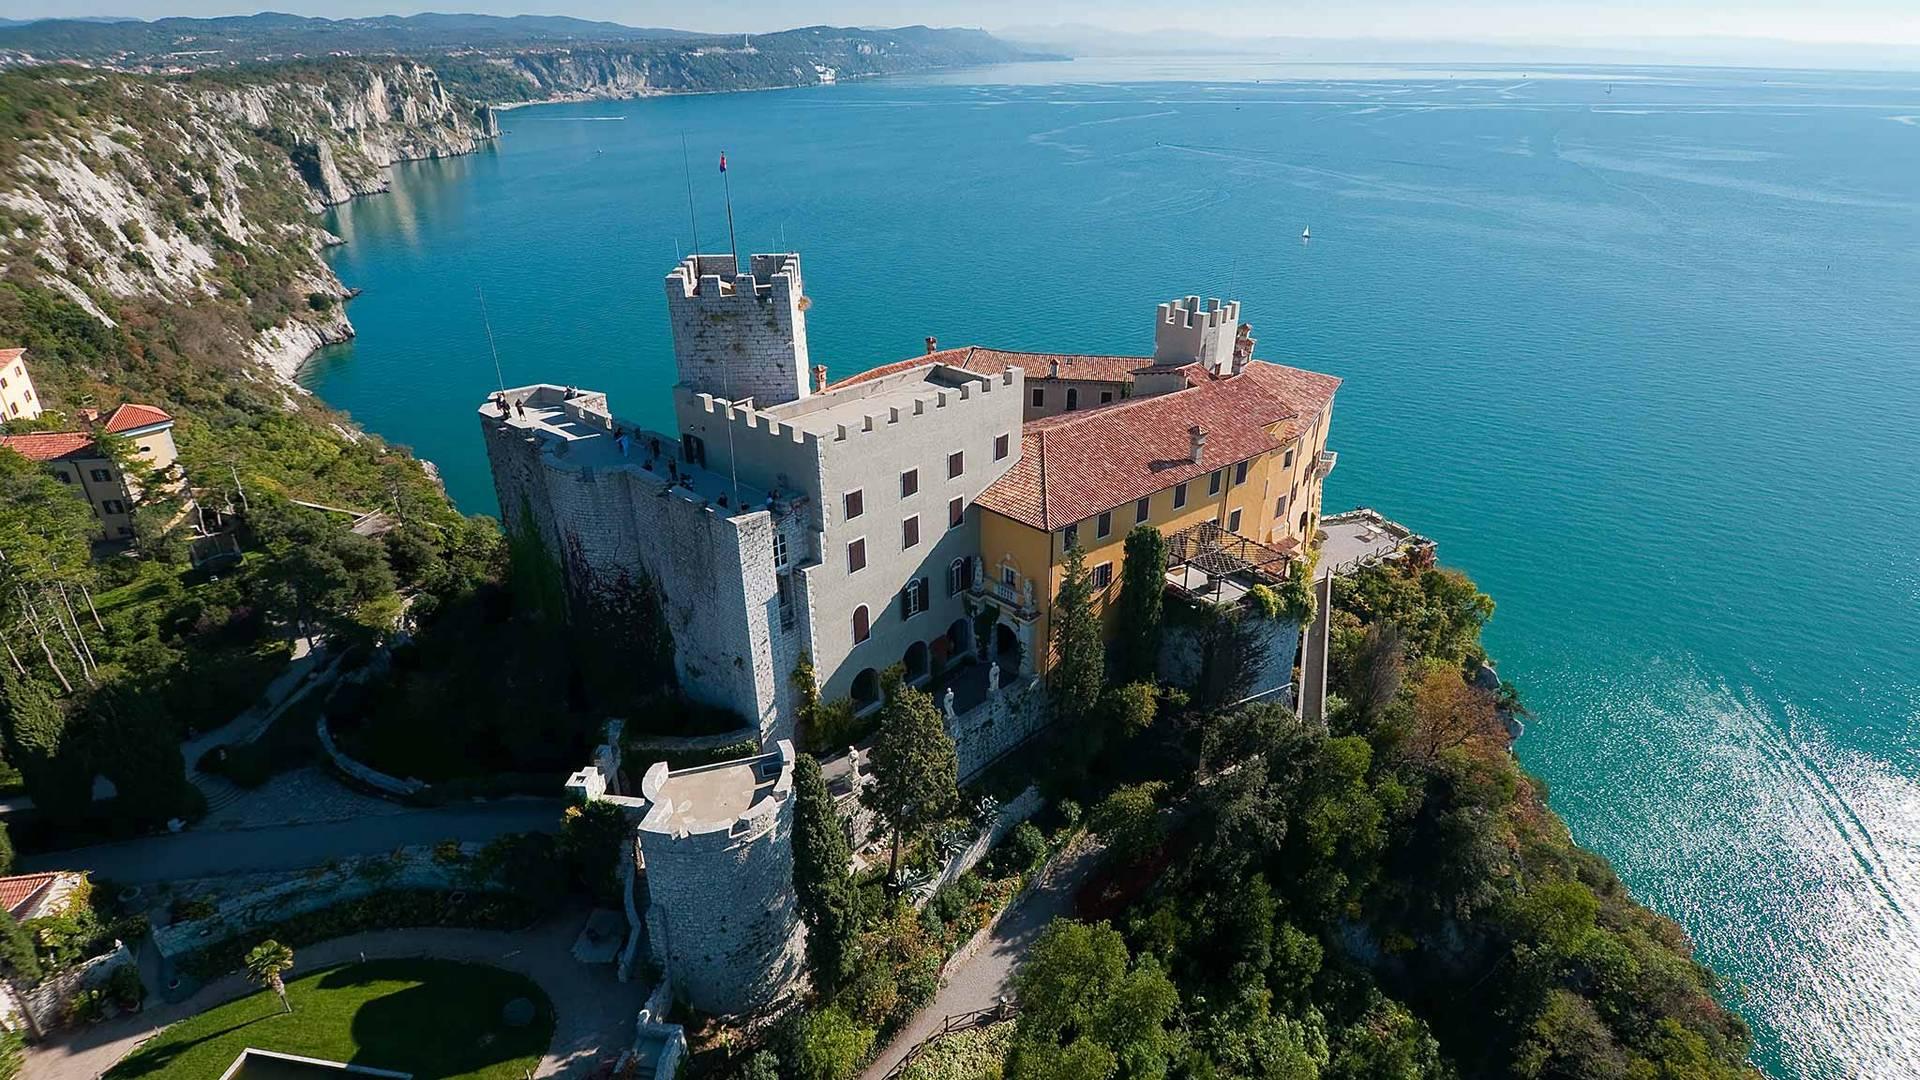 Schloss duino am adriatischen meer original